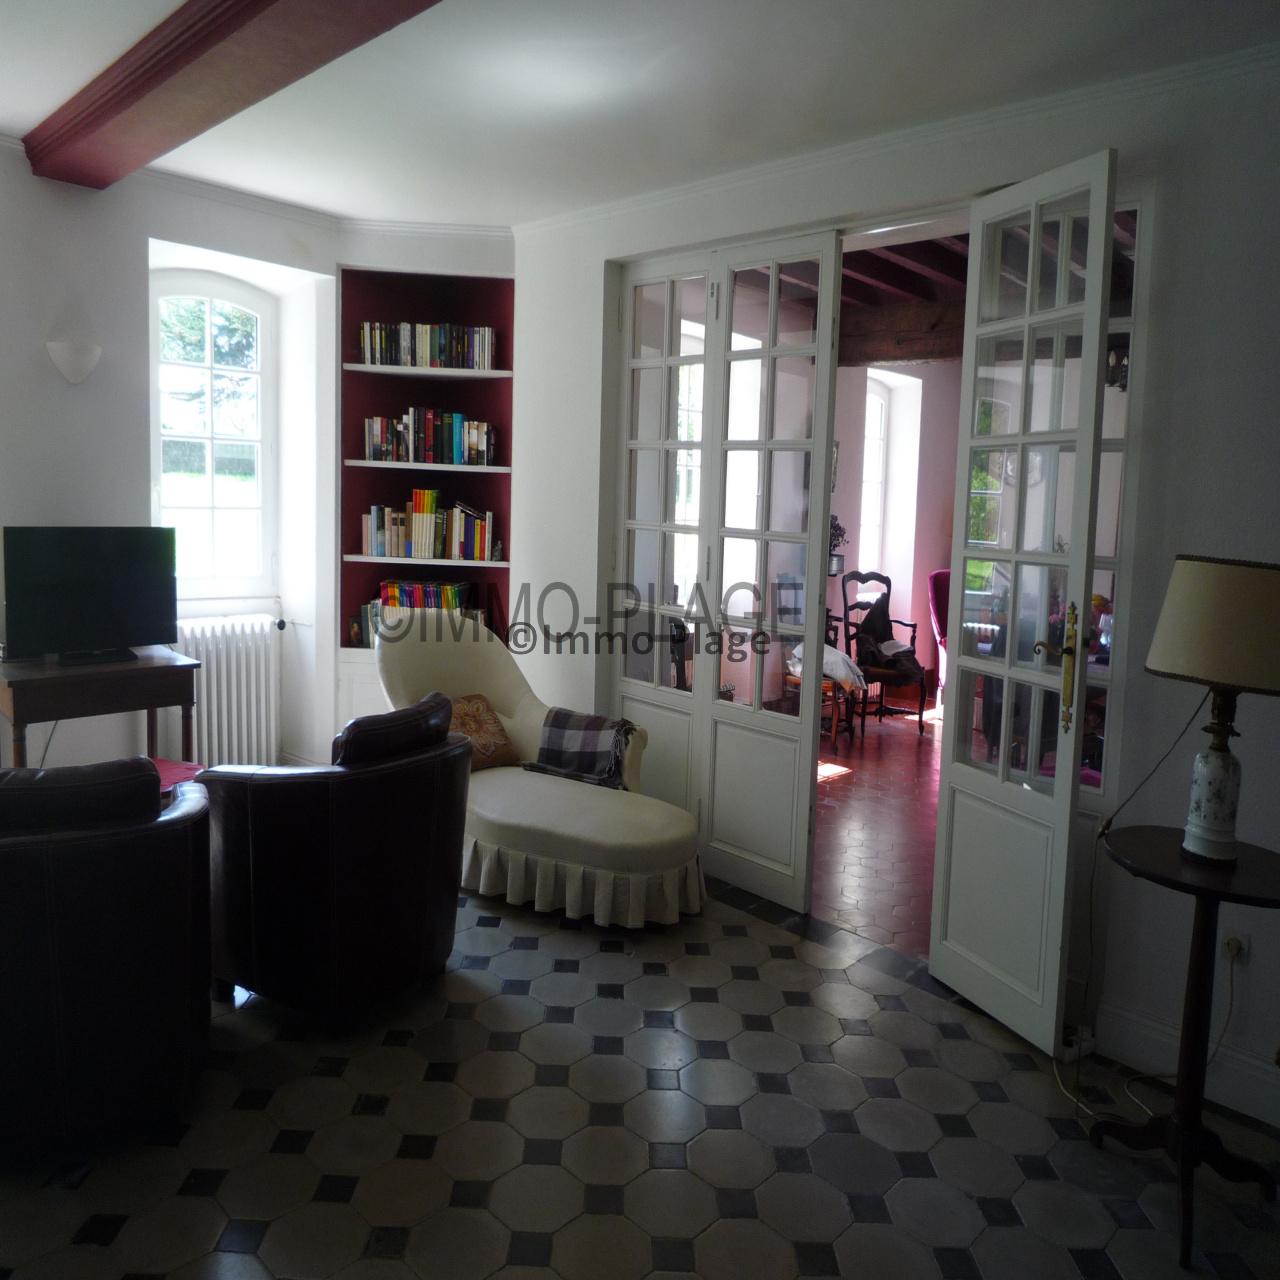 Image_8, Maison, Talais, ref :3016